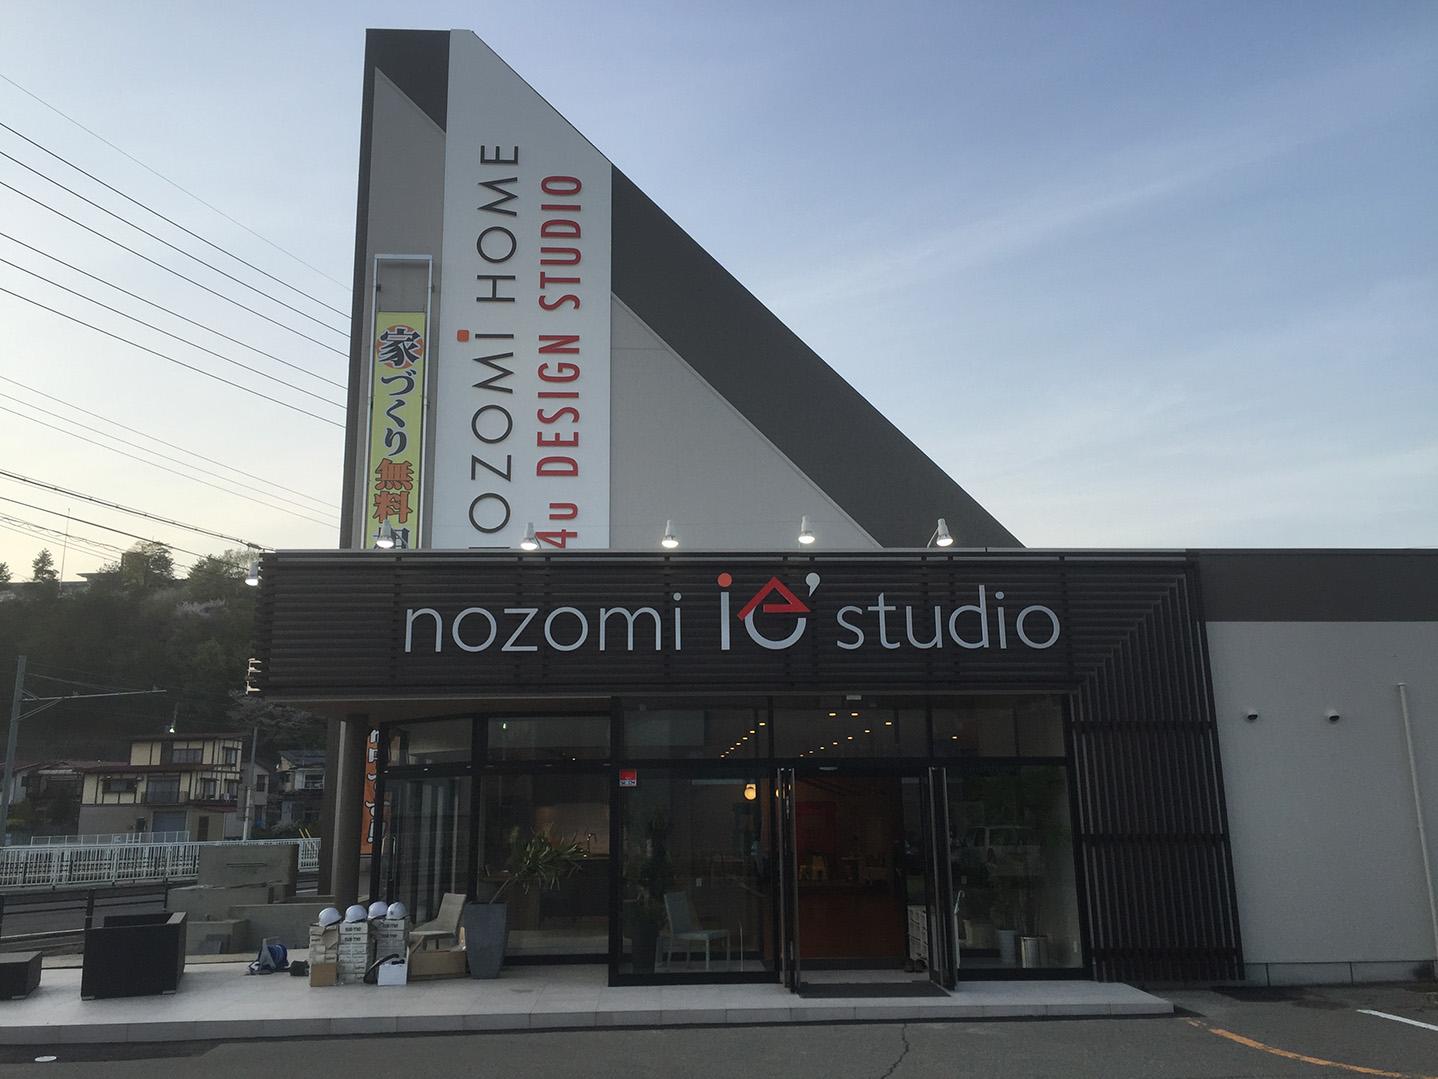 160929_nozomihome02